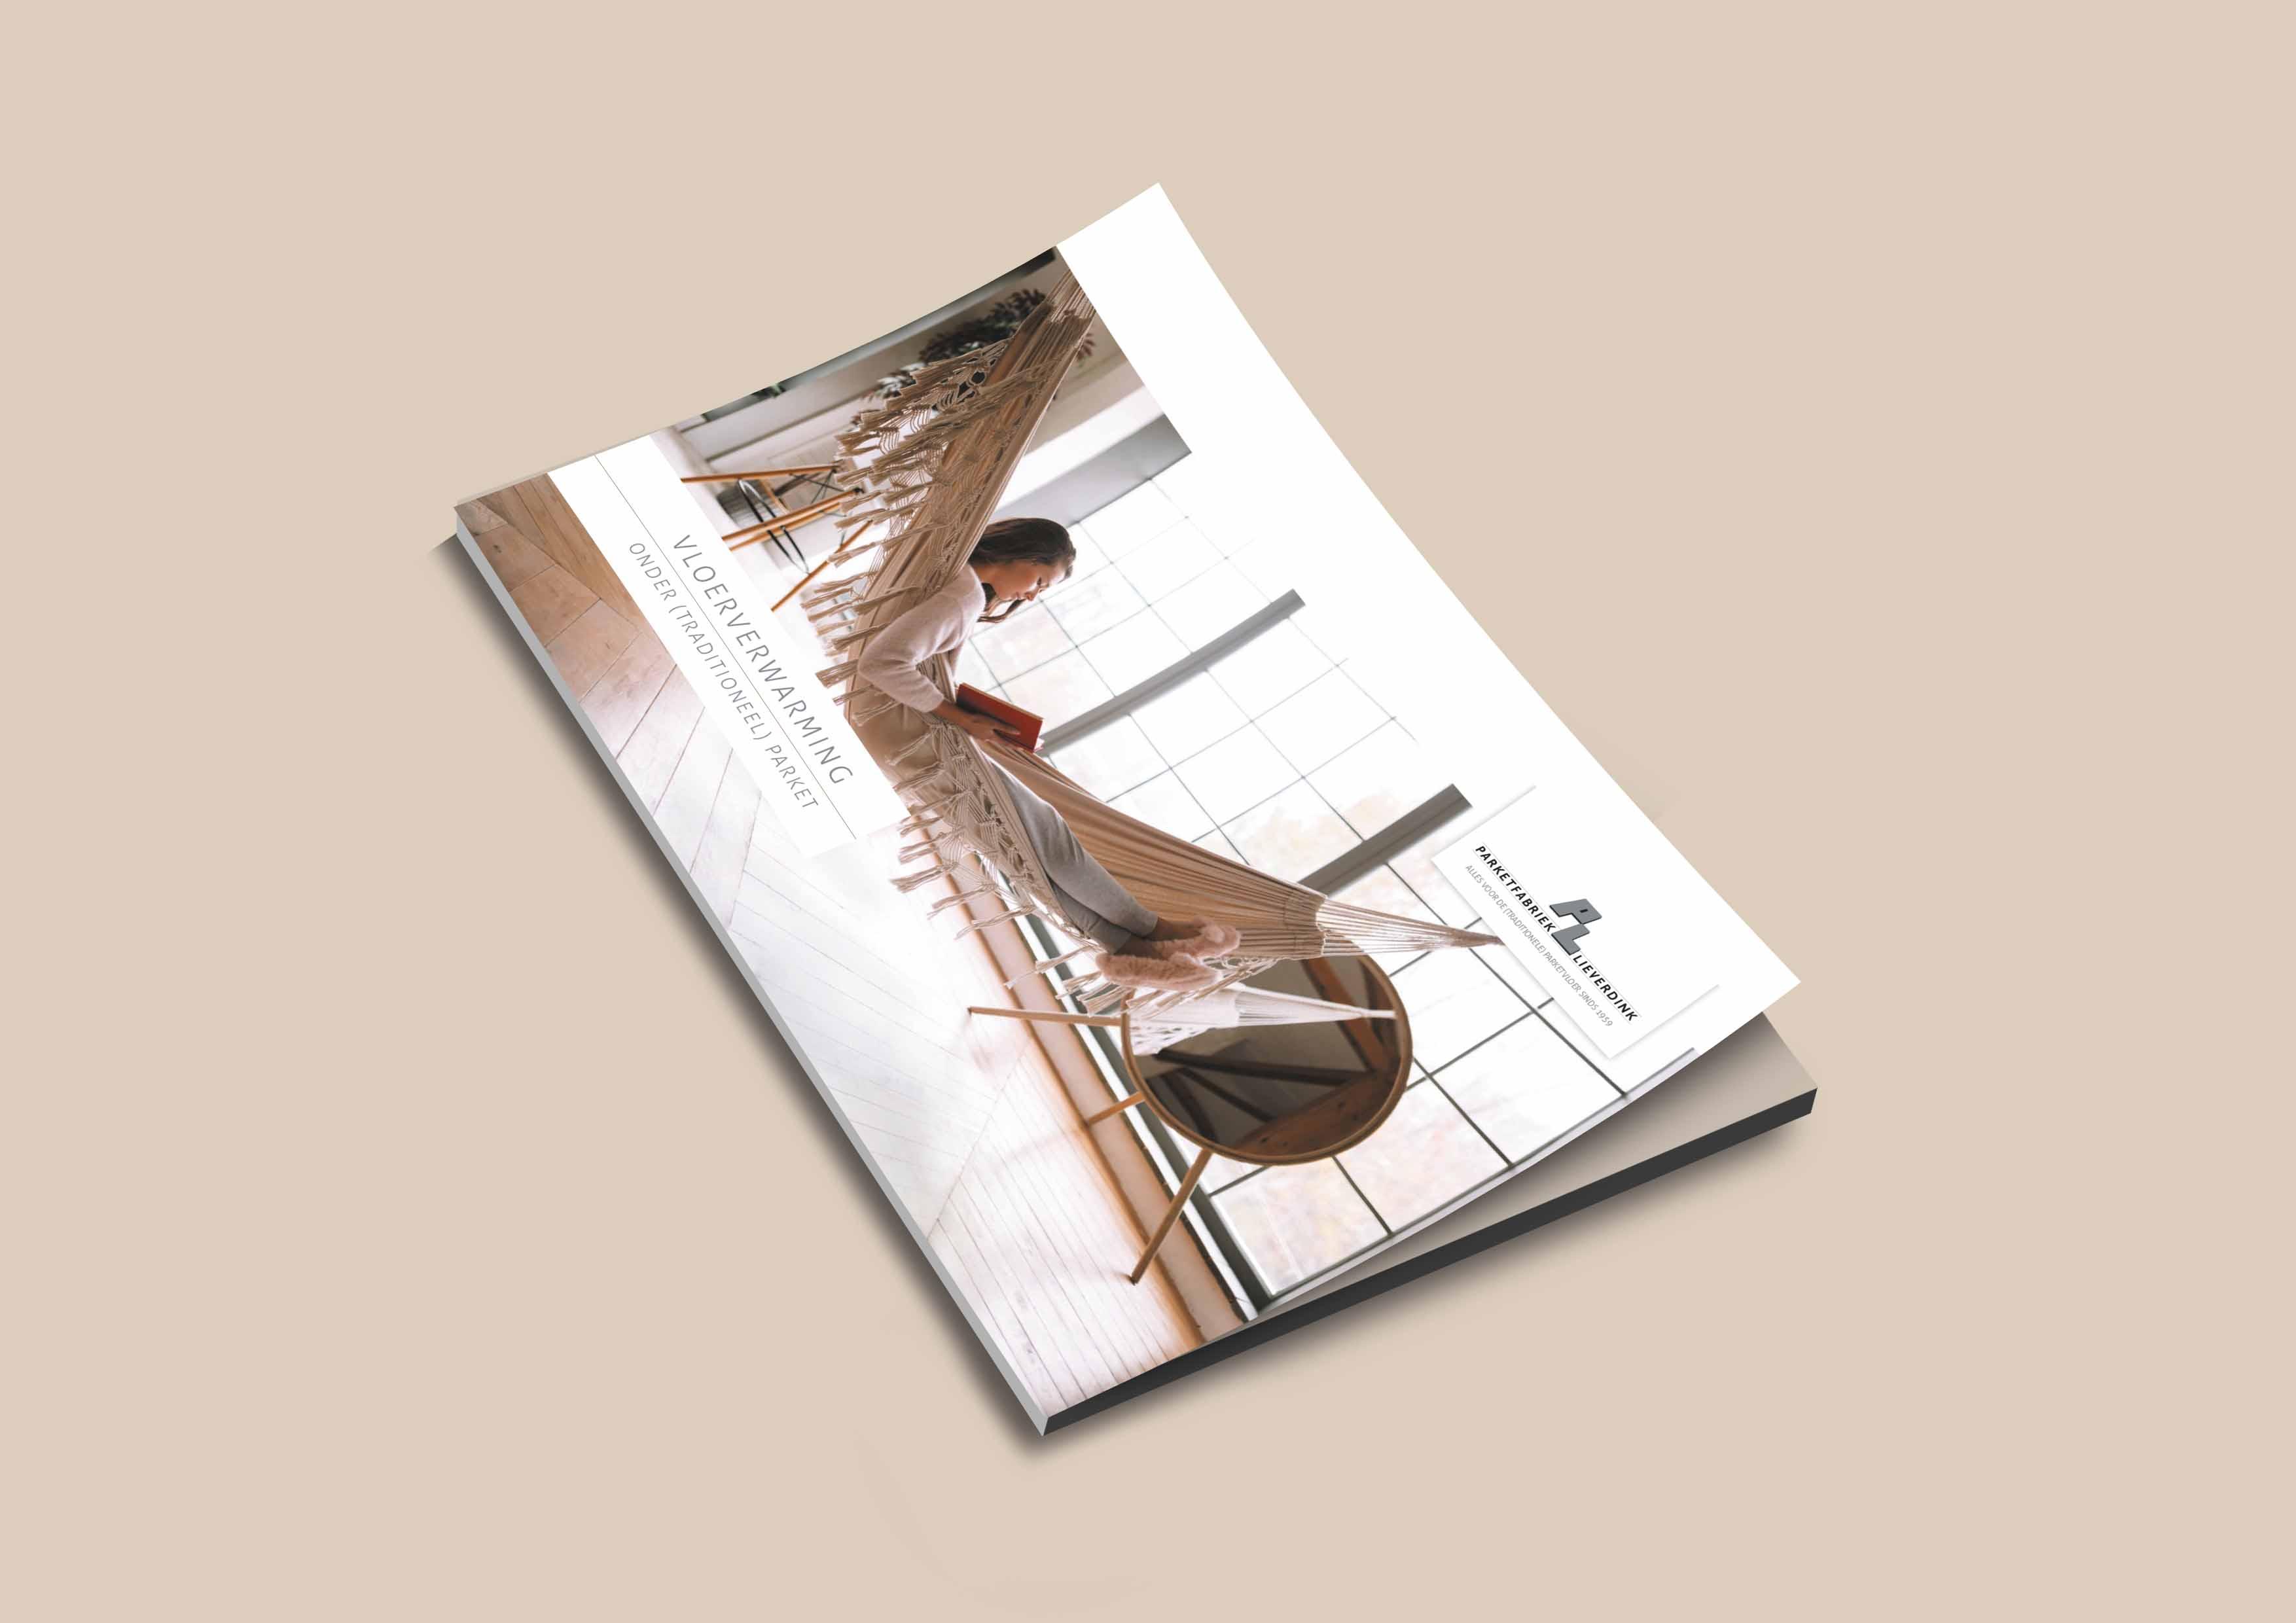 Vloerverwarming onder (traditioneel) parket